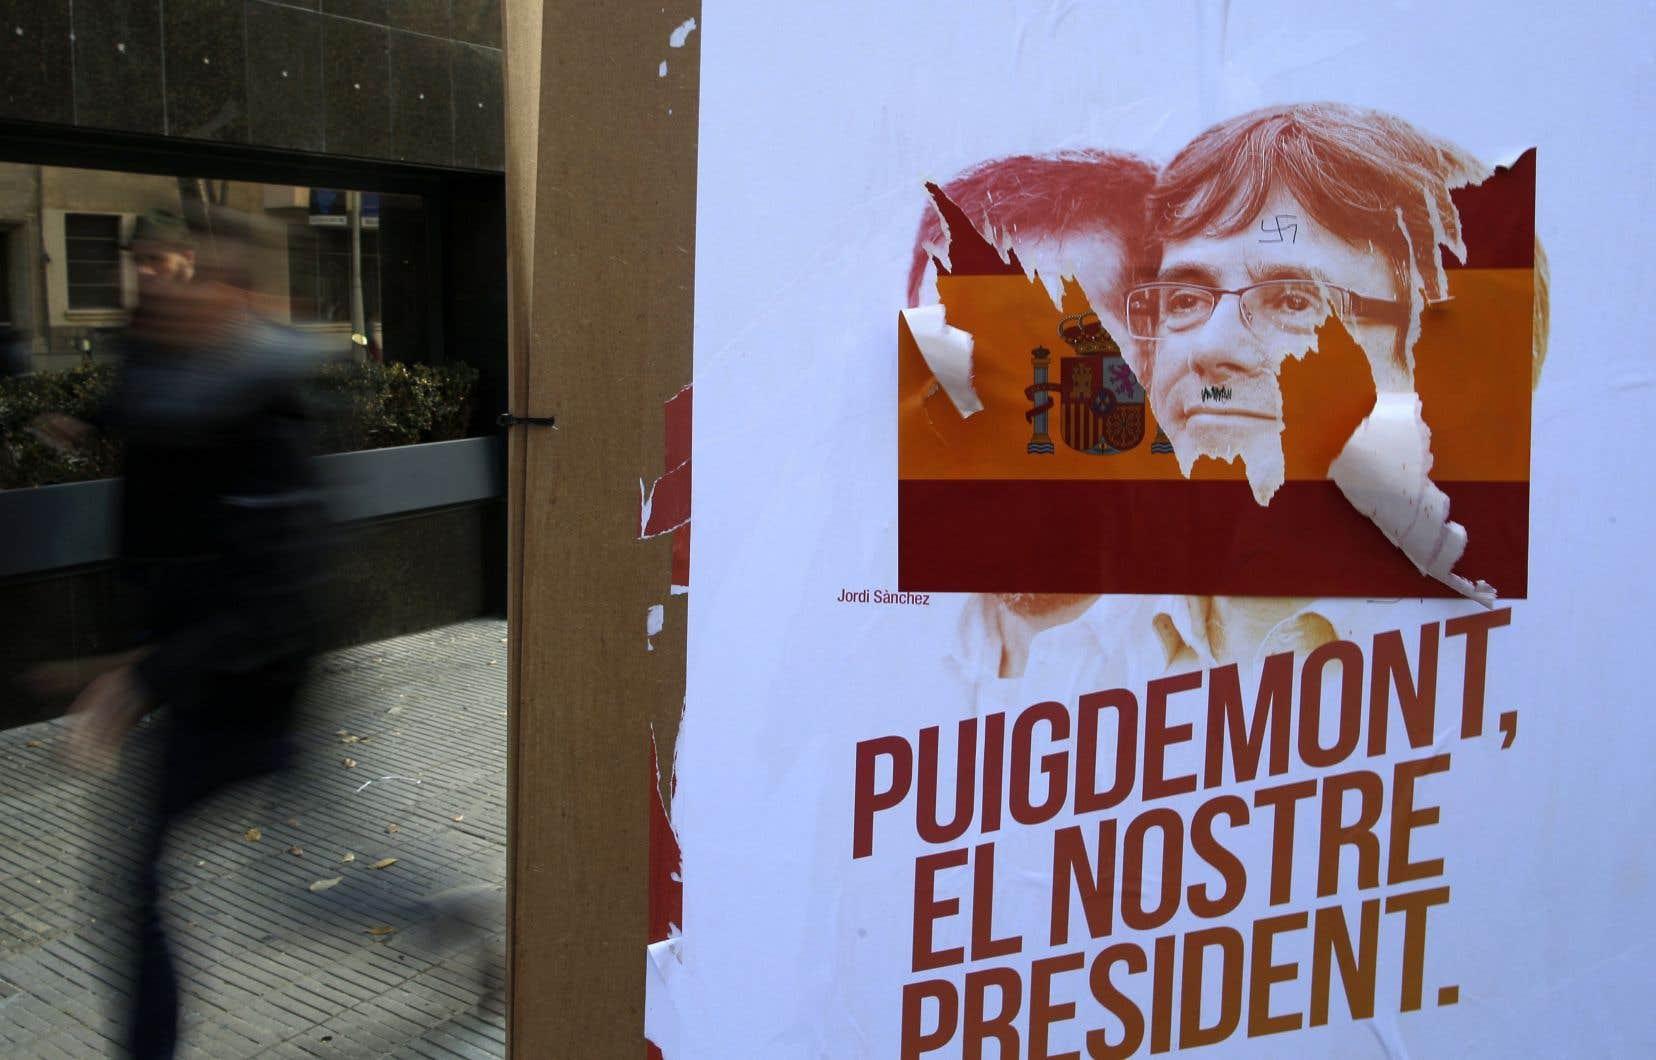 Une affiche où on peut lire «Puigdemont, notre président» a été vandalisée à Barcelone.